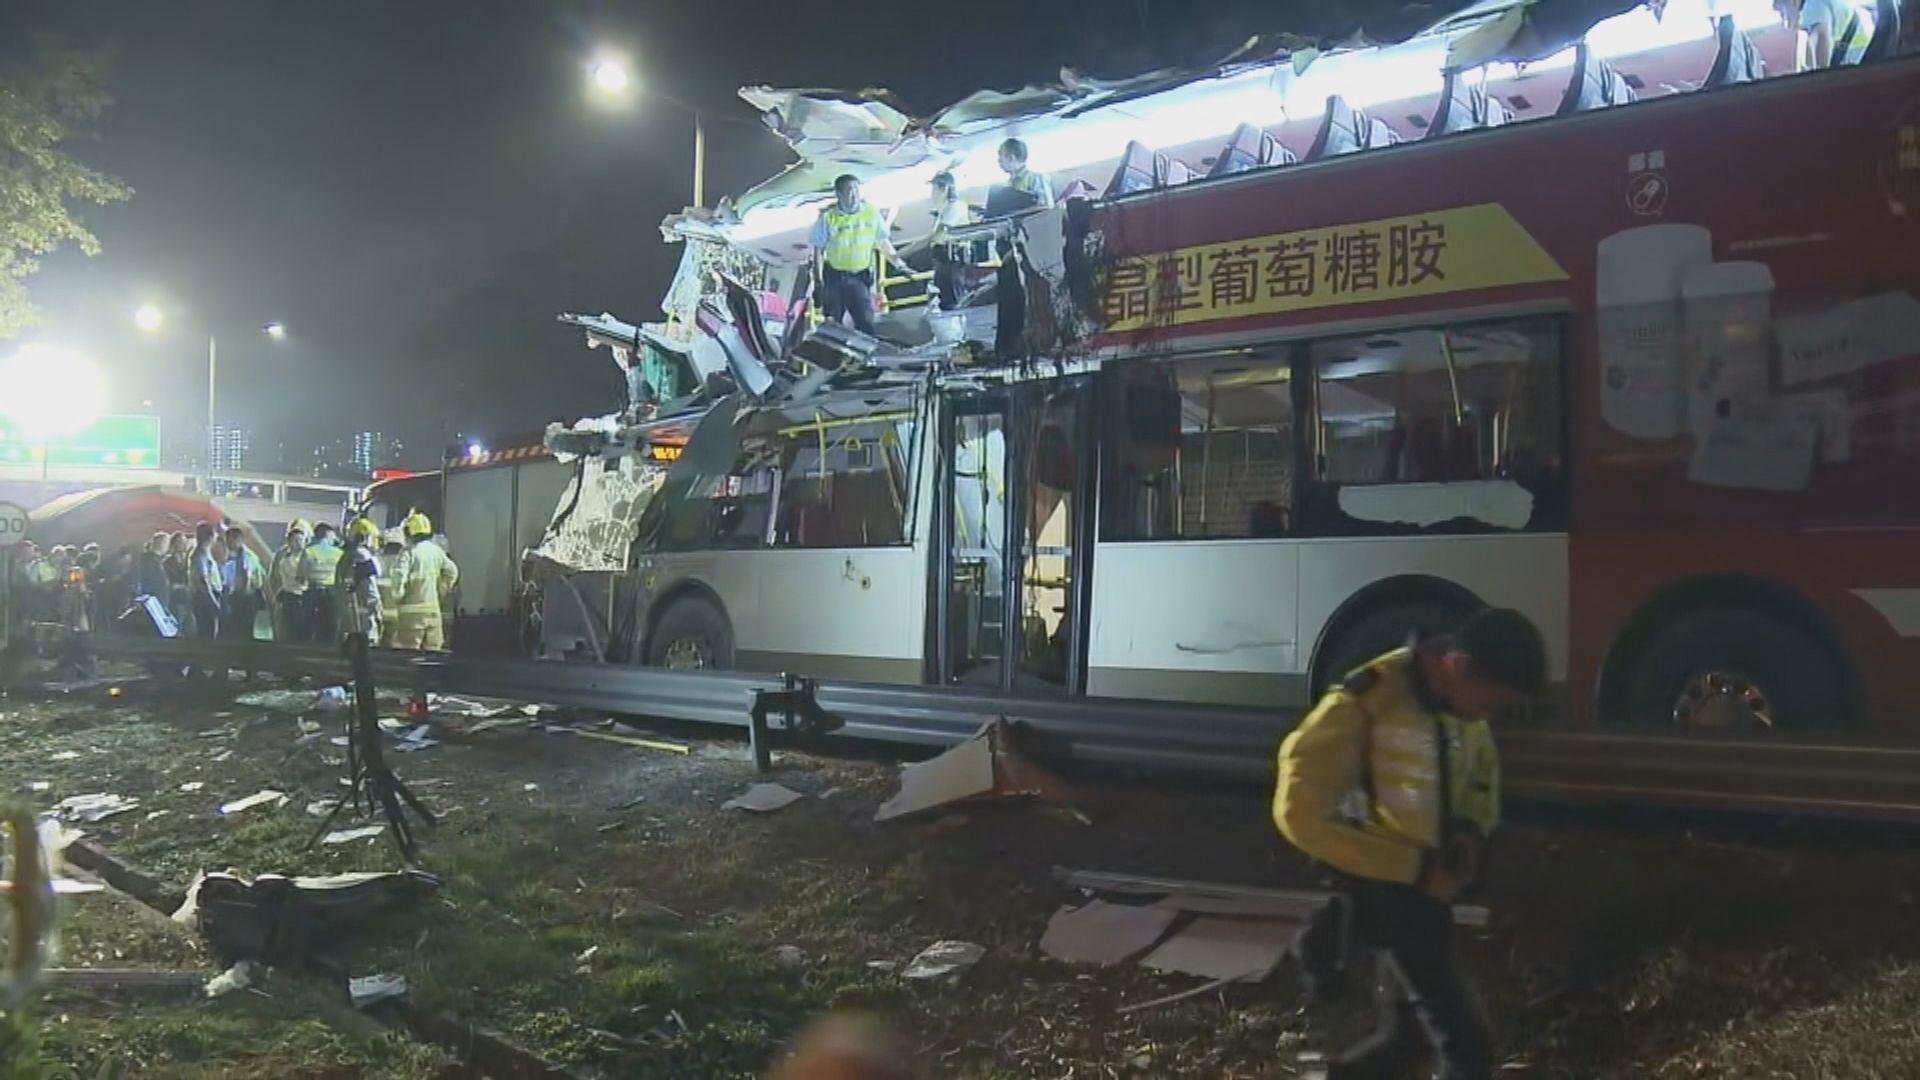 九巴撞樹車禍 司機涉危險駕駛導致他人死亡被捕